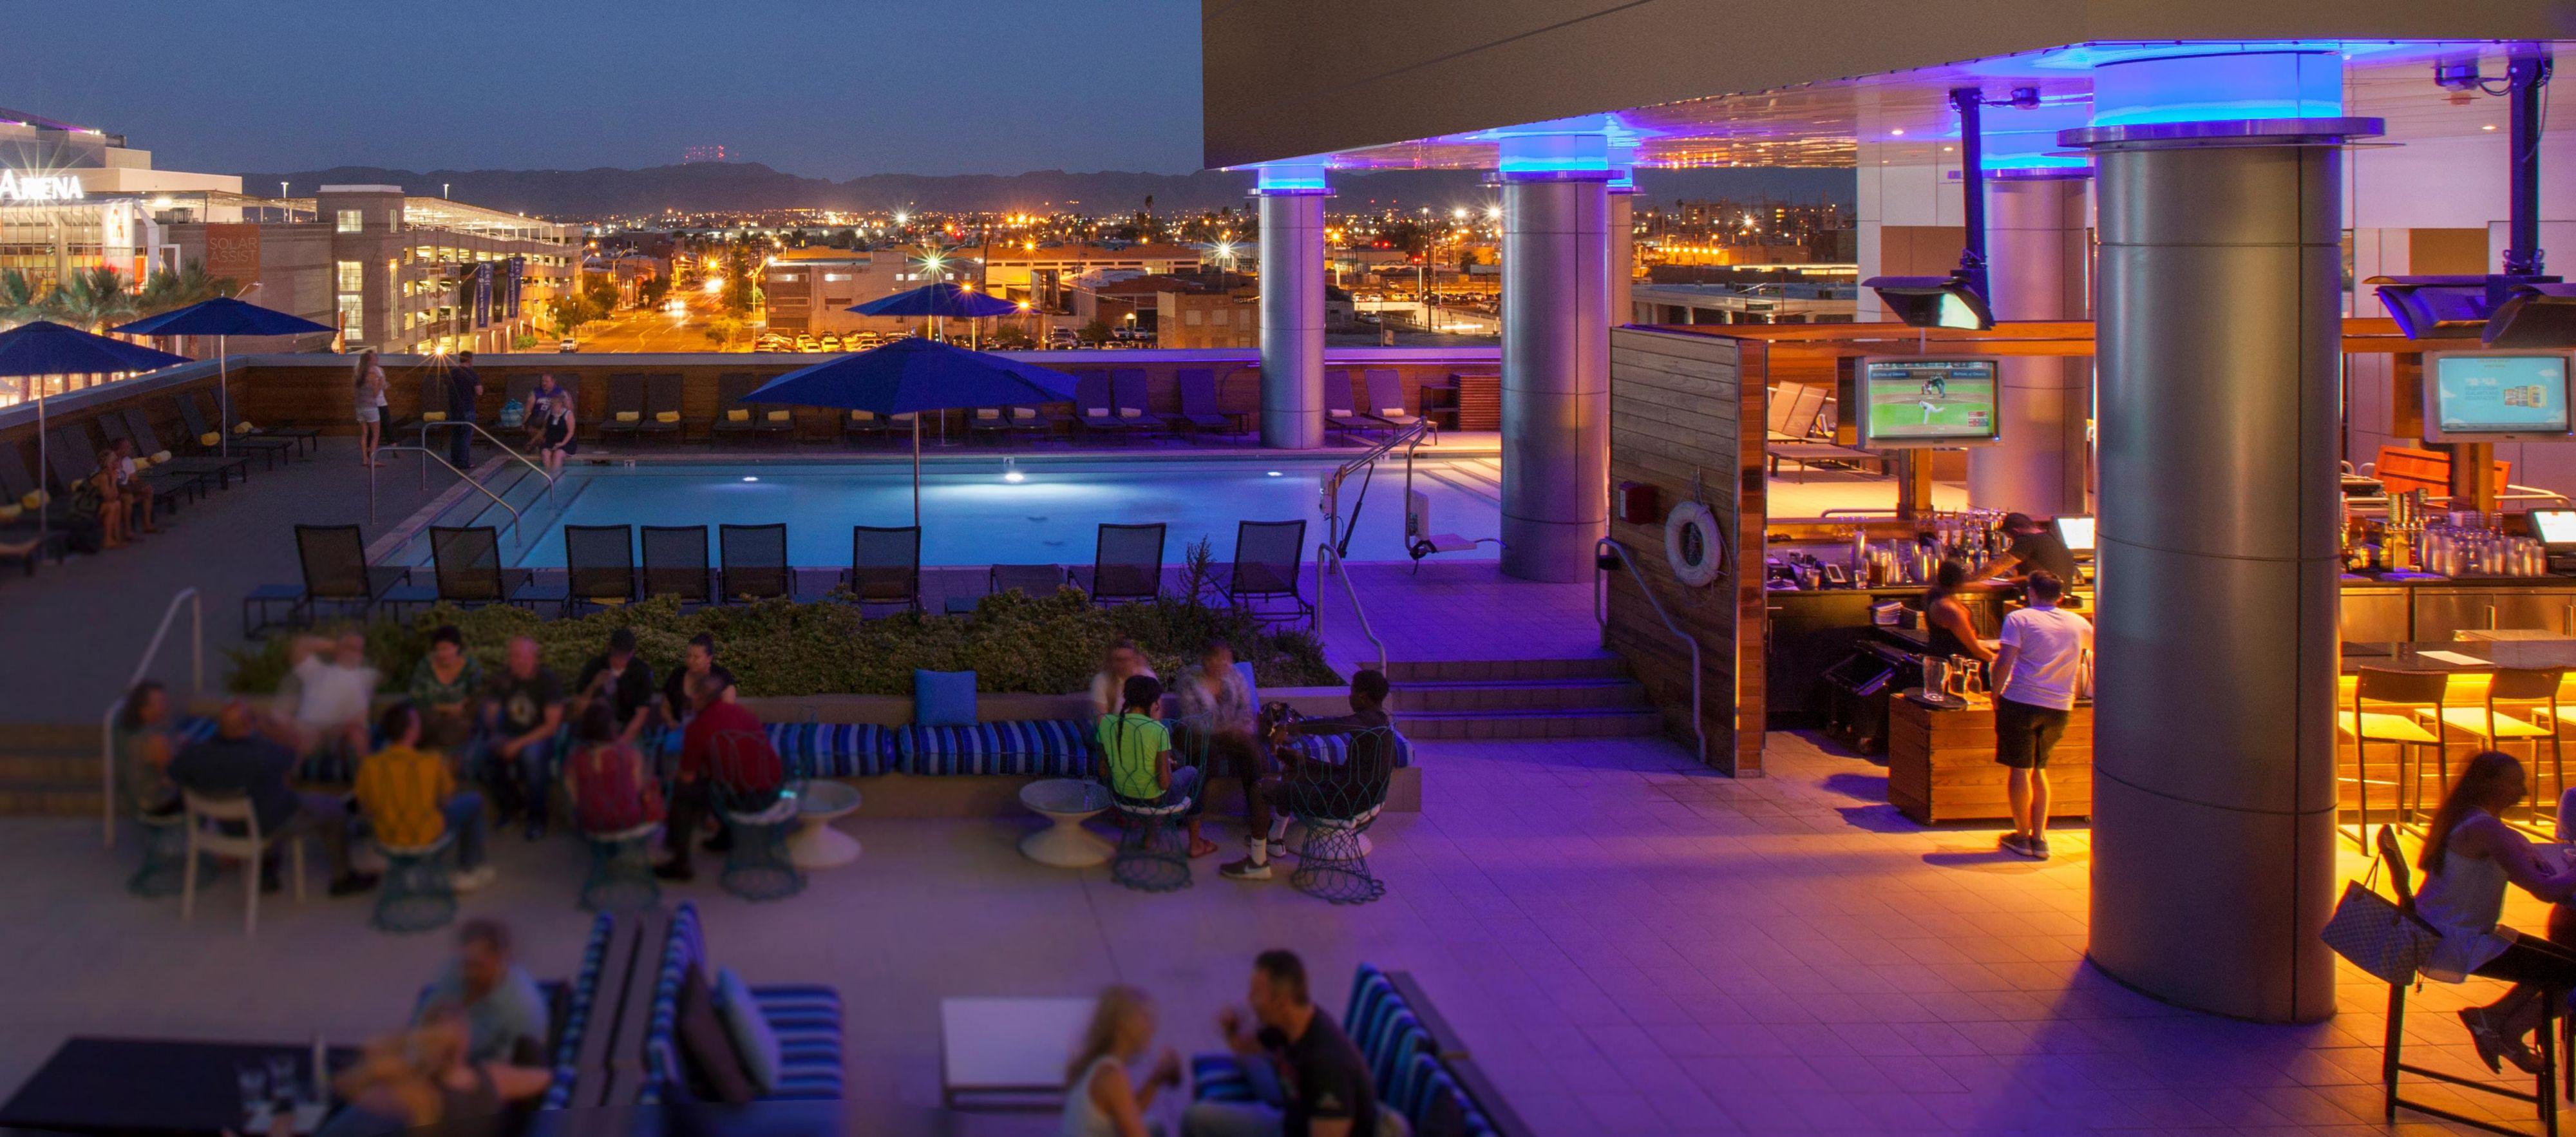 Re Rooftop Bar In Downtown Phoenix Kimpton Restaurants